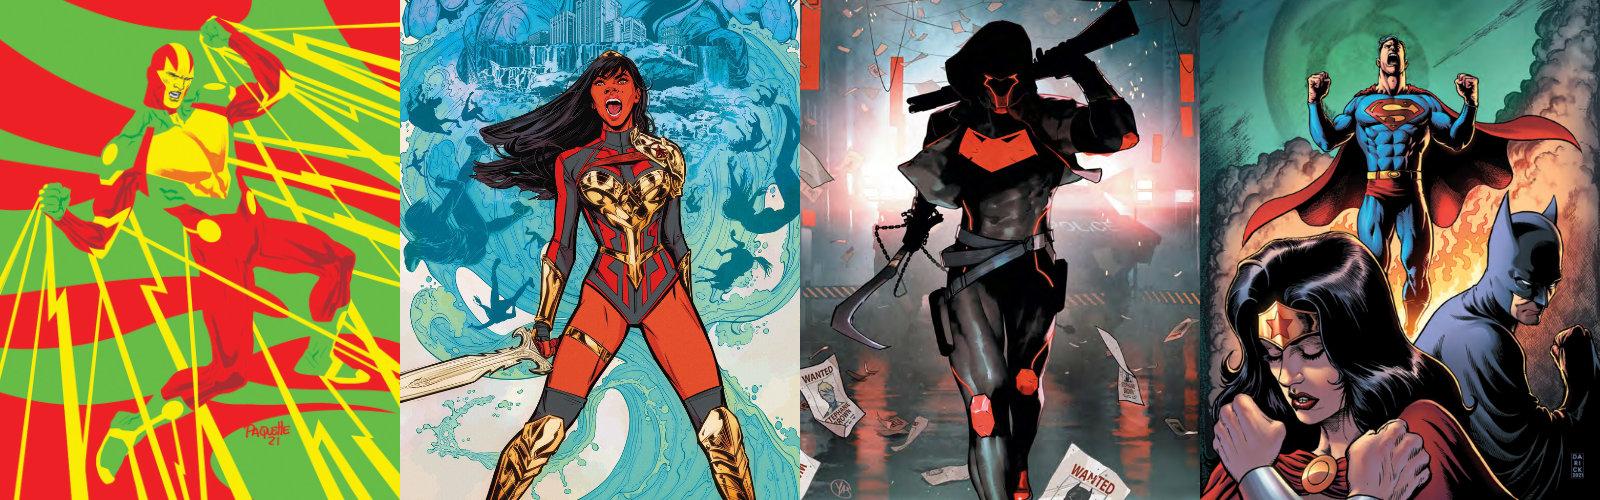 Solicitations: May 2021 – DC Comics